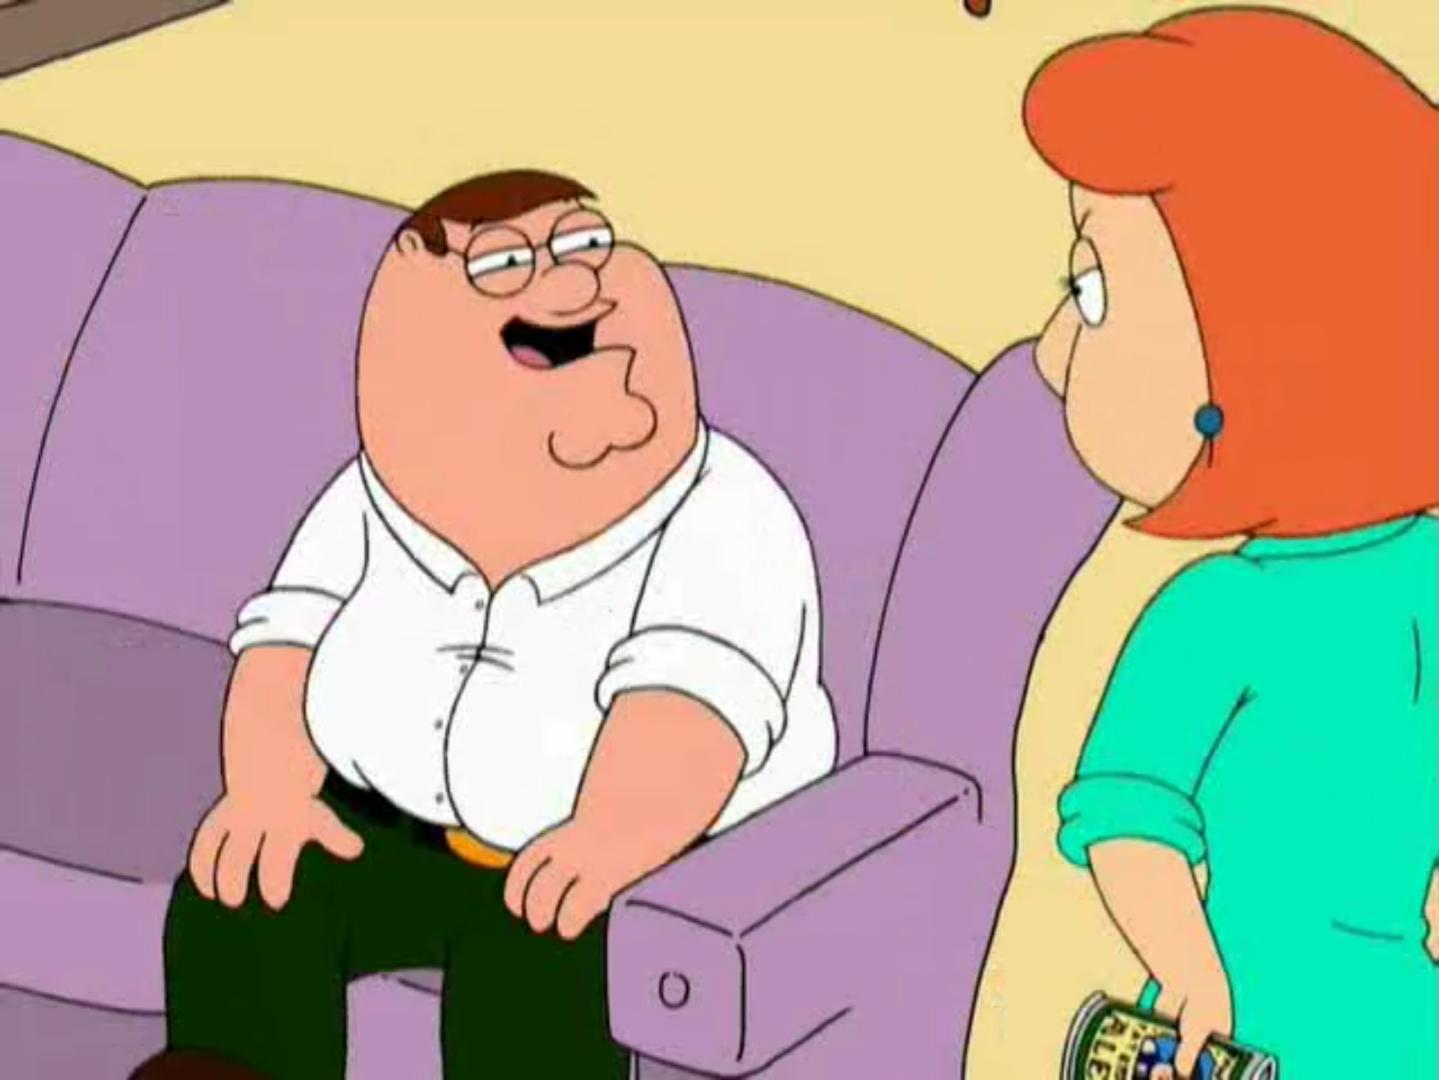 Lois Loves Her Family